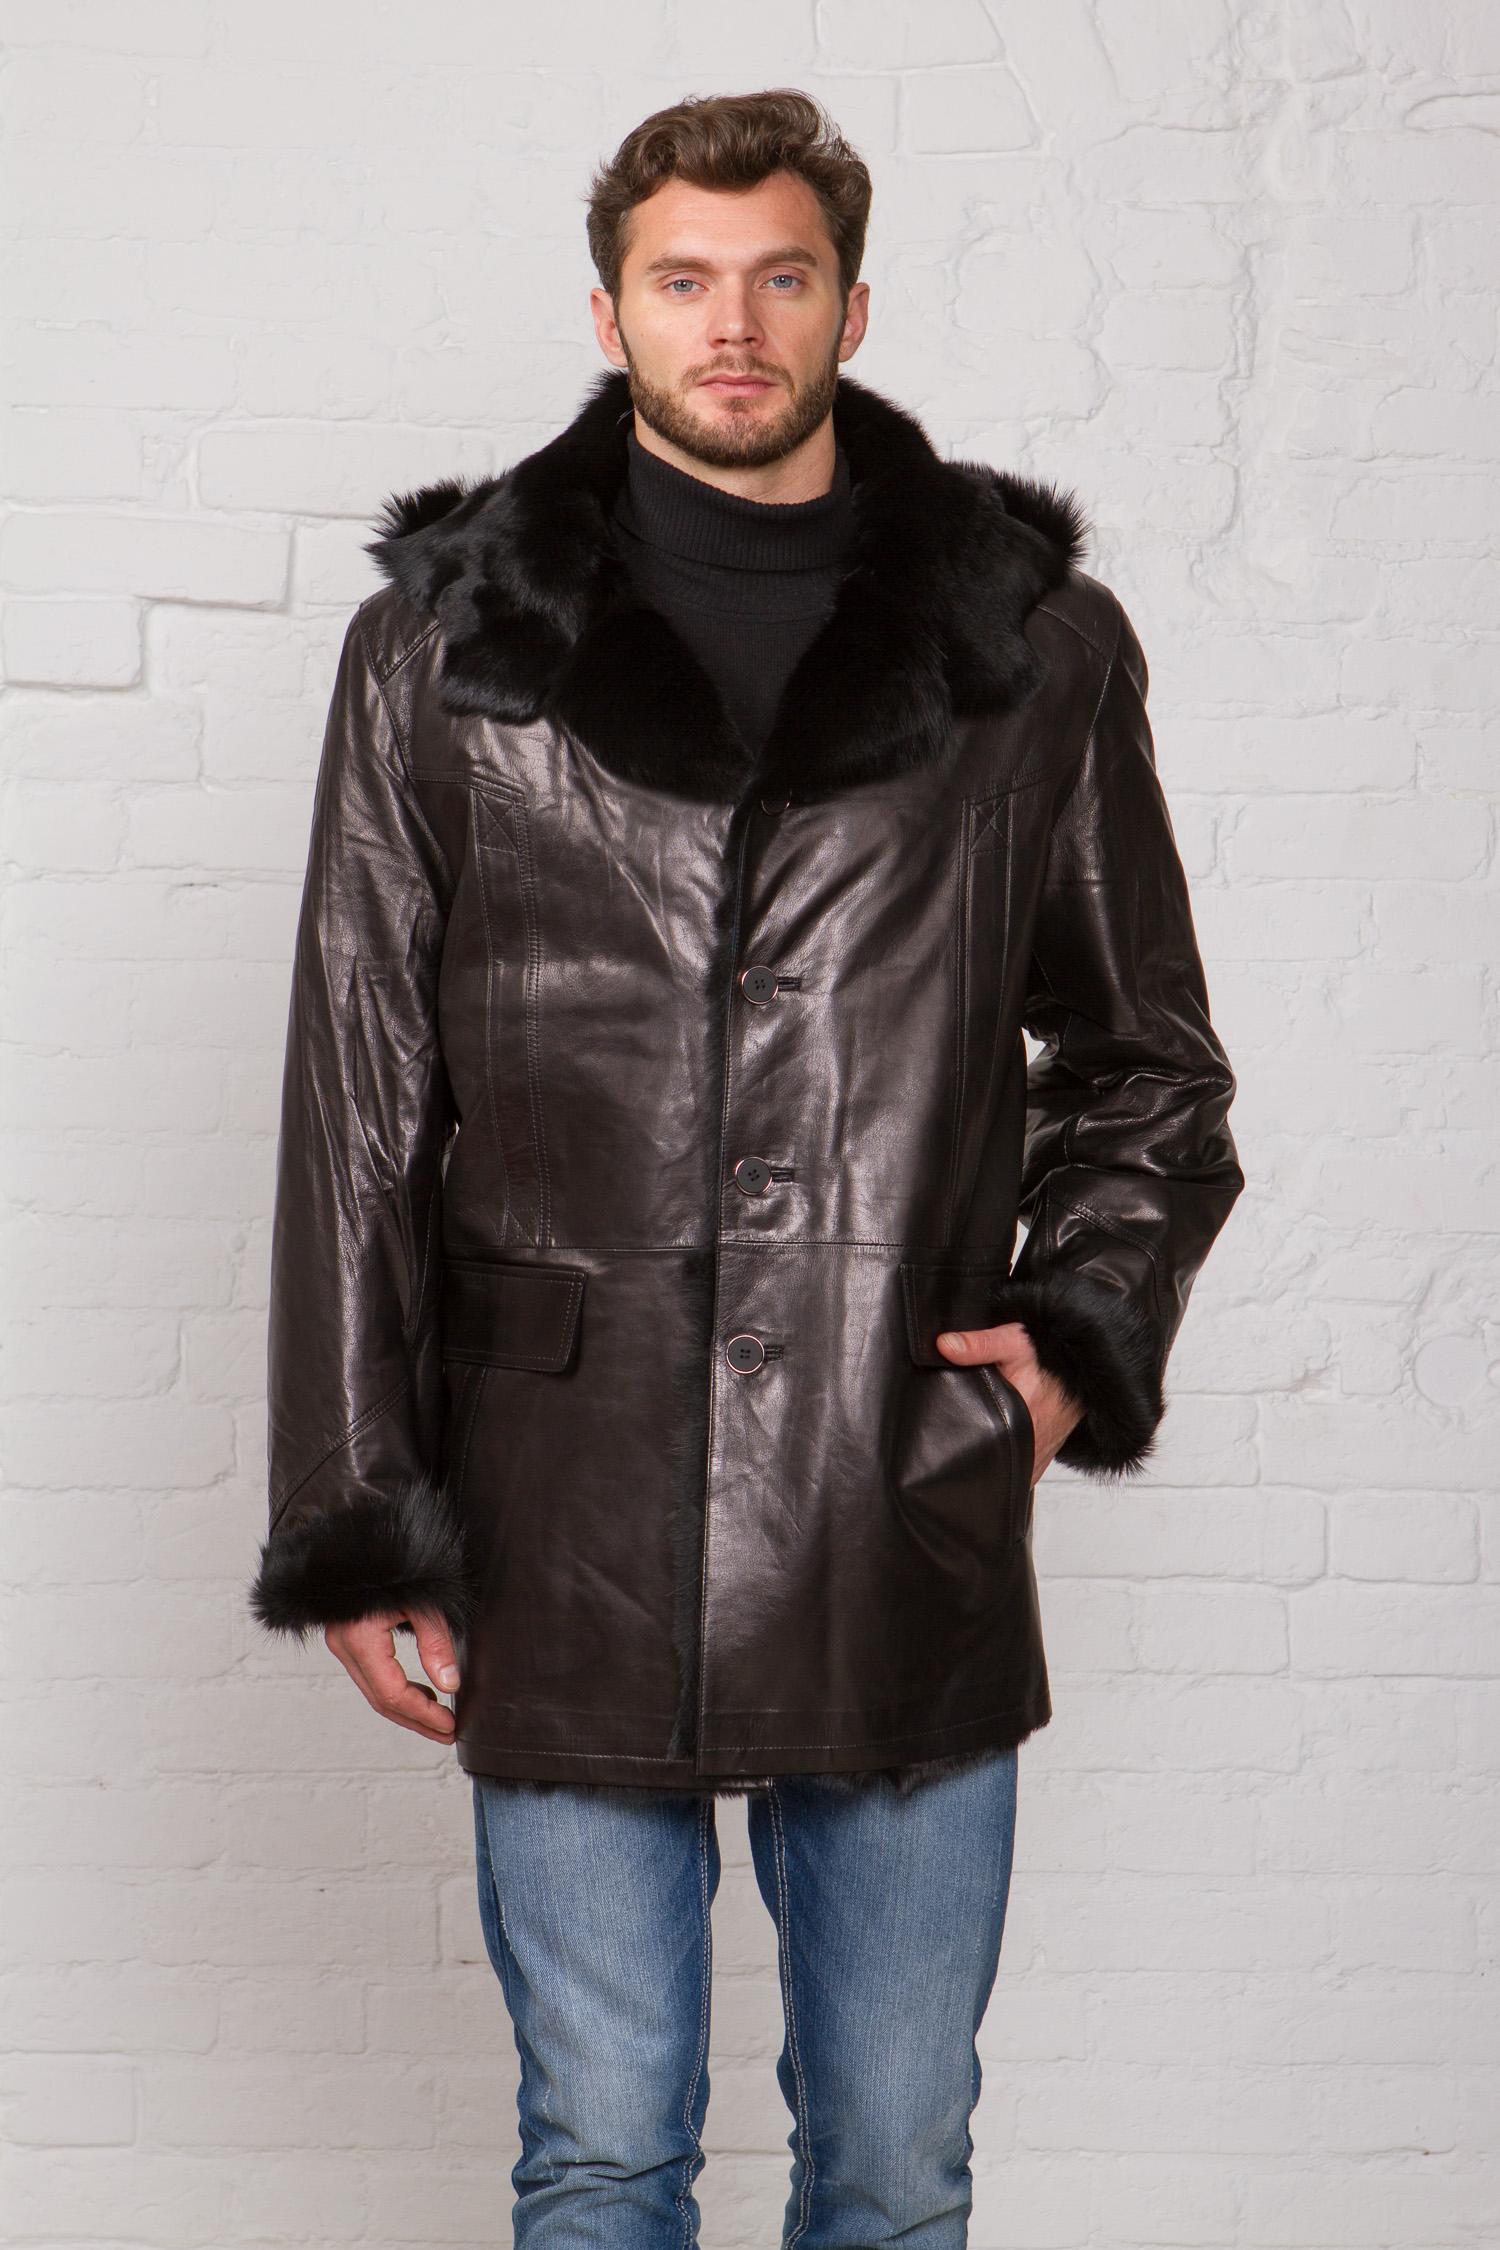 Мужская кожаная куртка из натуральной кожи на меху с капюшоном, отделка тоскана<br><br>Воротник: капюшон<br>Длина см: Средняя (75-89 )<br>Материал: Кожа овчина<br>Цвет: черный<br>Вид застежки: центральная<br>Застежка: на пуговицы<br>Пол: Мужской<br>Размер RU: 64